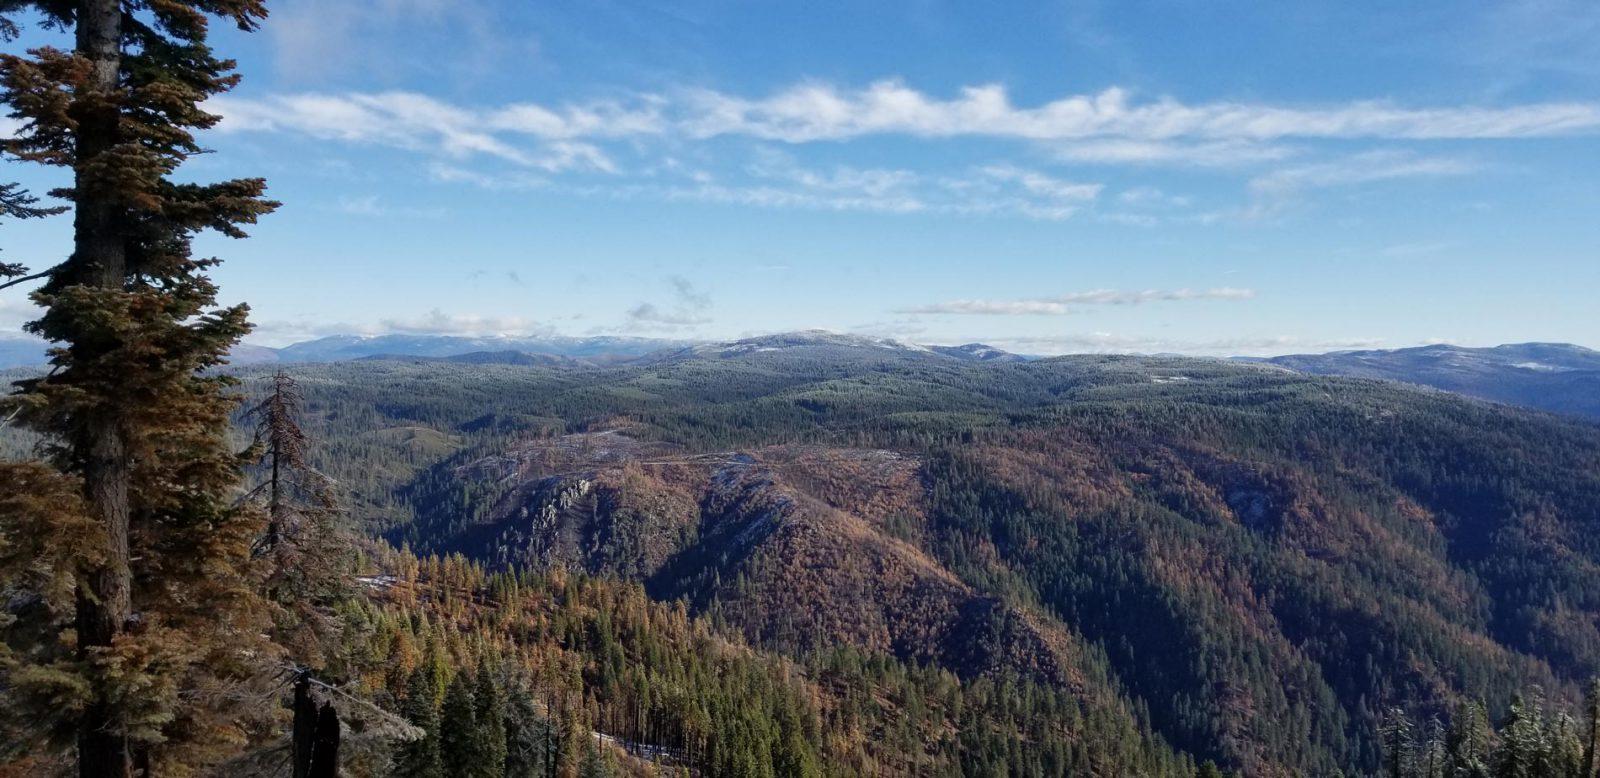 Bear Creek from Lookout Rock